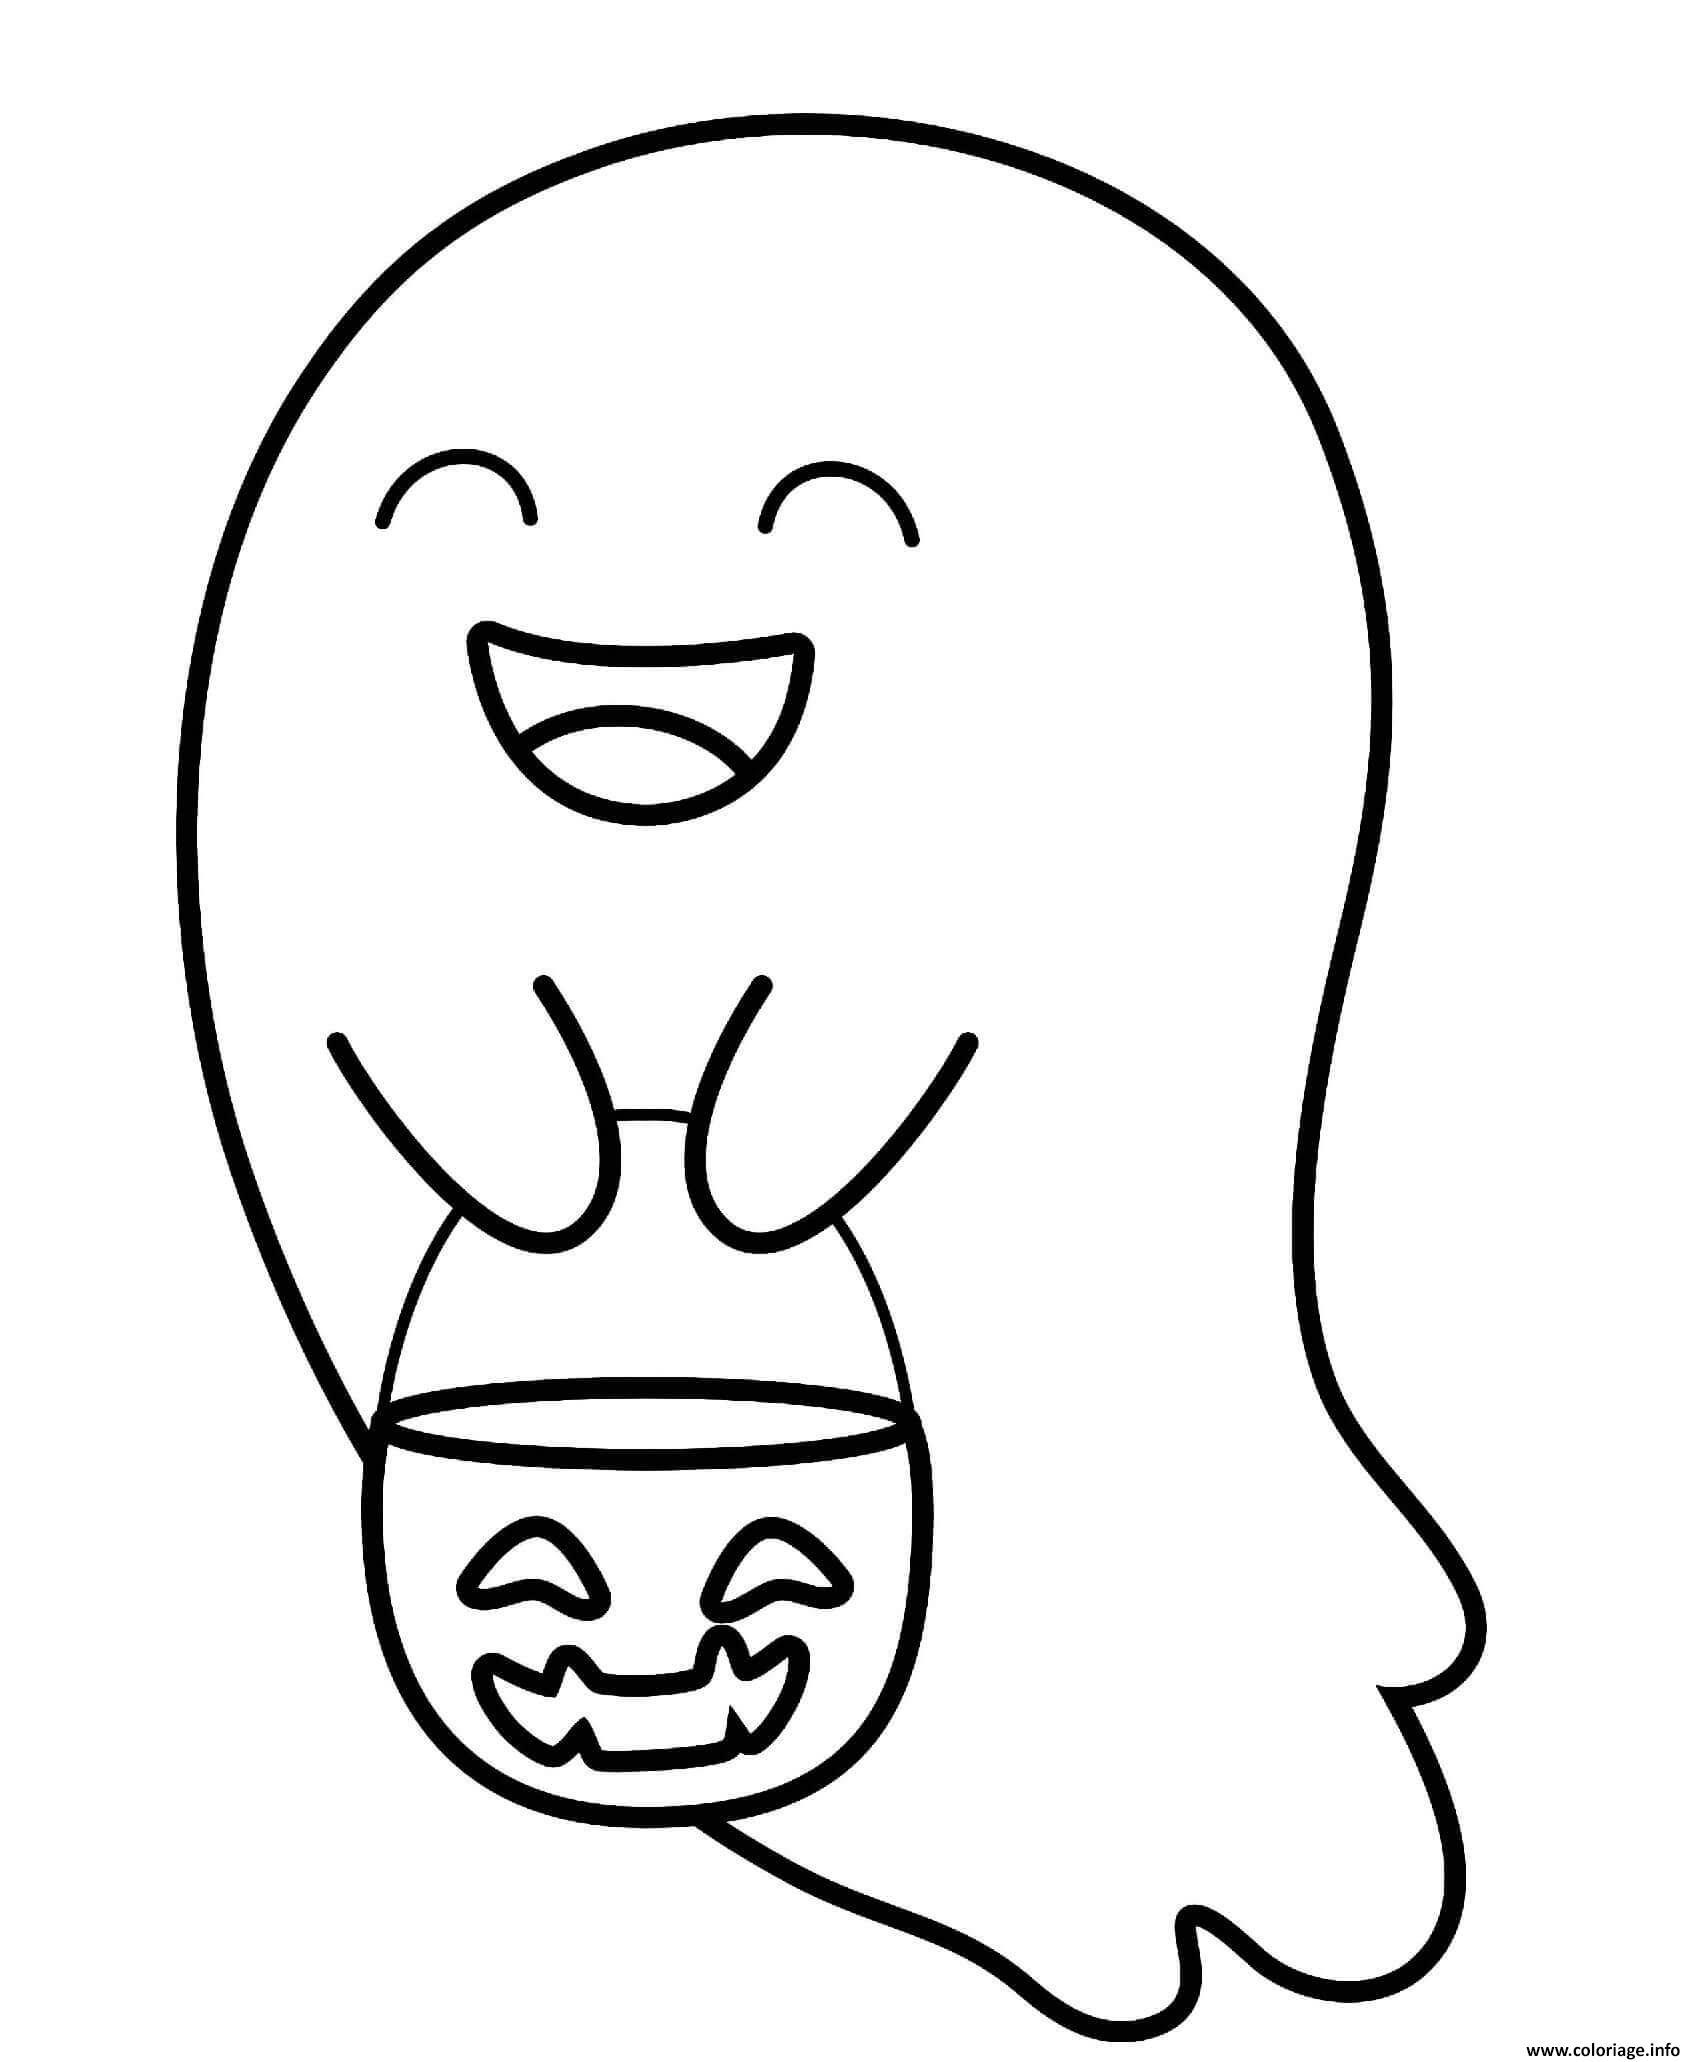 Dessin halloween fantome mignon Coloriage Gratuit à Imprimer